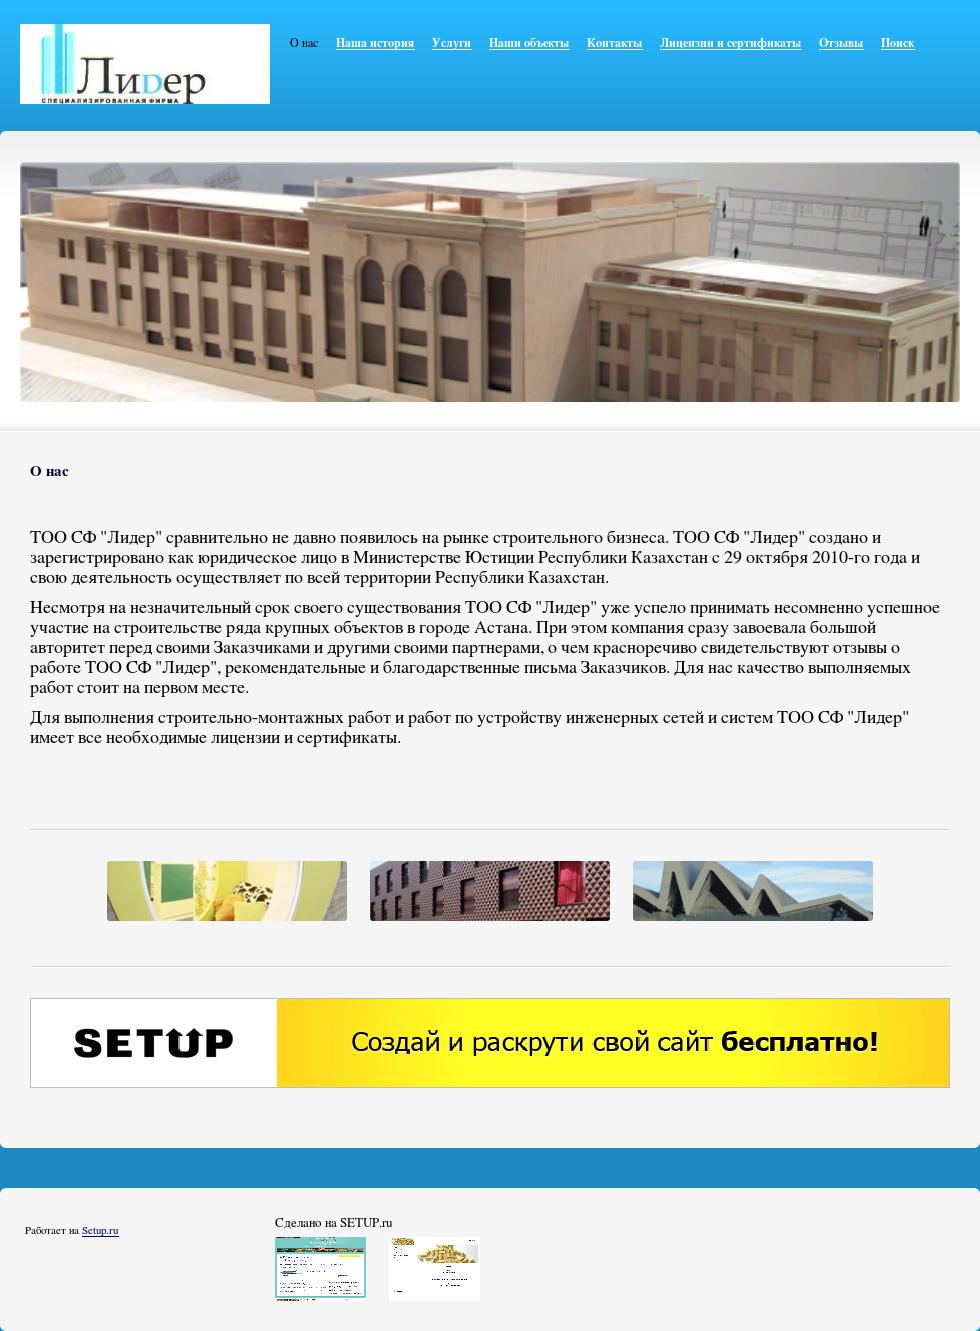 sflider.ru